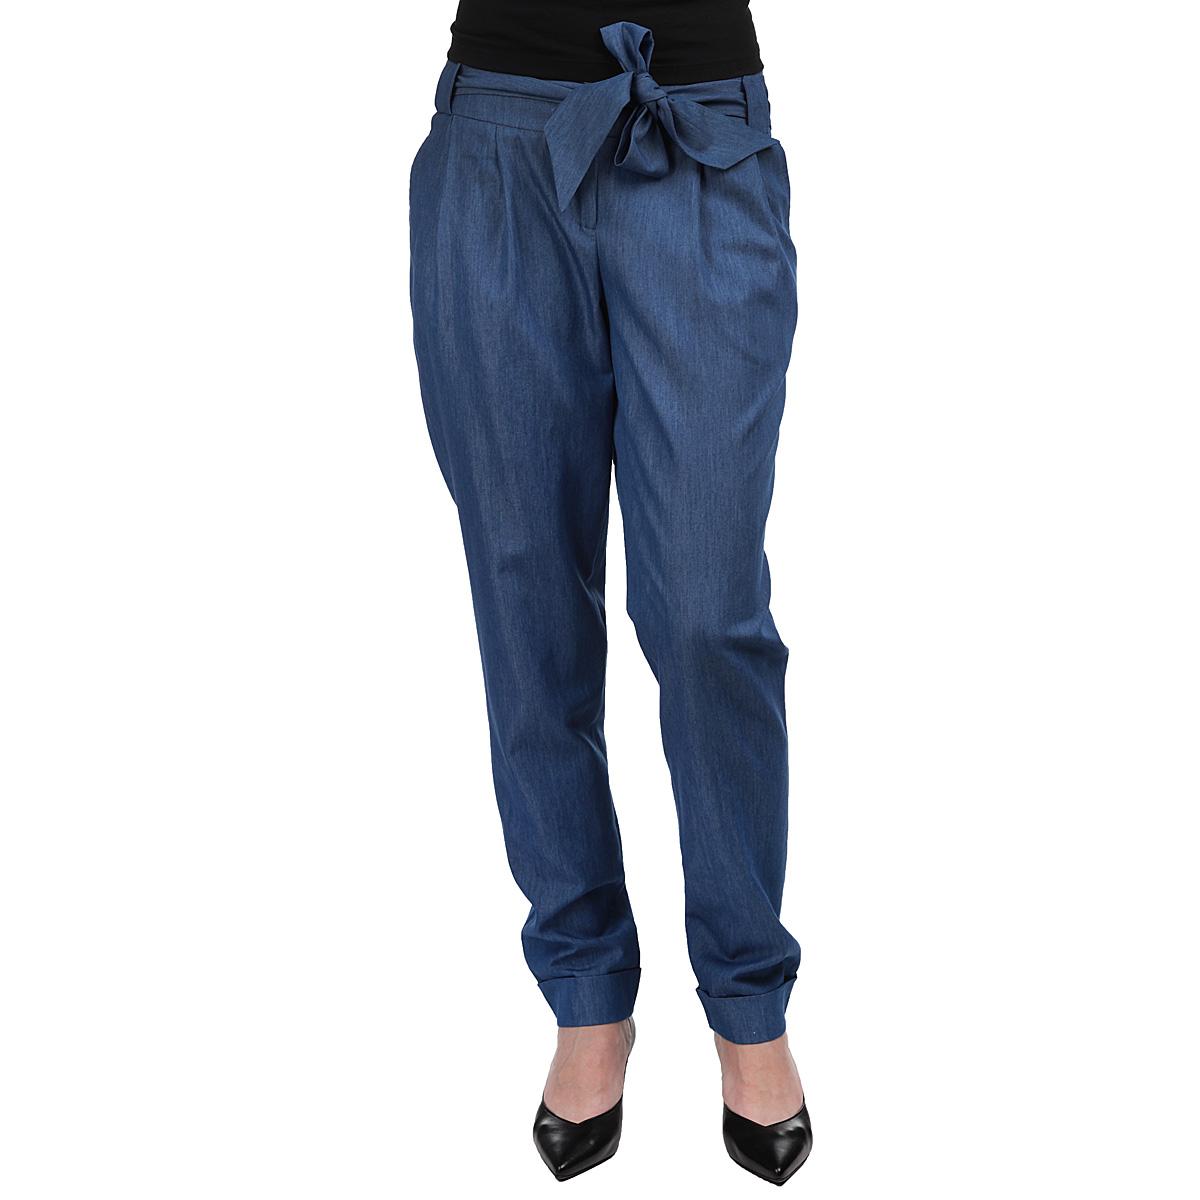 Брюки женские. 90703519070351Стильные женские брюки Yarmina, выполненные из материала высочайшего качества, отлично подойдут на каждый день. Модель стандартной посадки и прямого кроя застегивается на ширинку на застежке-молнии, а также 2 пуговицы на поясе, и имеет шлевки для ремня. Брюки декорированы имитацией карманов сзади. Спереди брюки дополнены втачными карманами. В комплект входит широкий текстильный пояс в тон брюкам. Эти модные и в тоже время комфортные брюки послужат отличным дополнением к вашему гардеробу. В них вы всегда будете чувствовать себя уютно и уверенно.